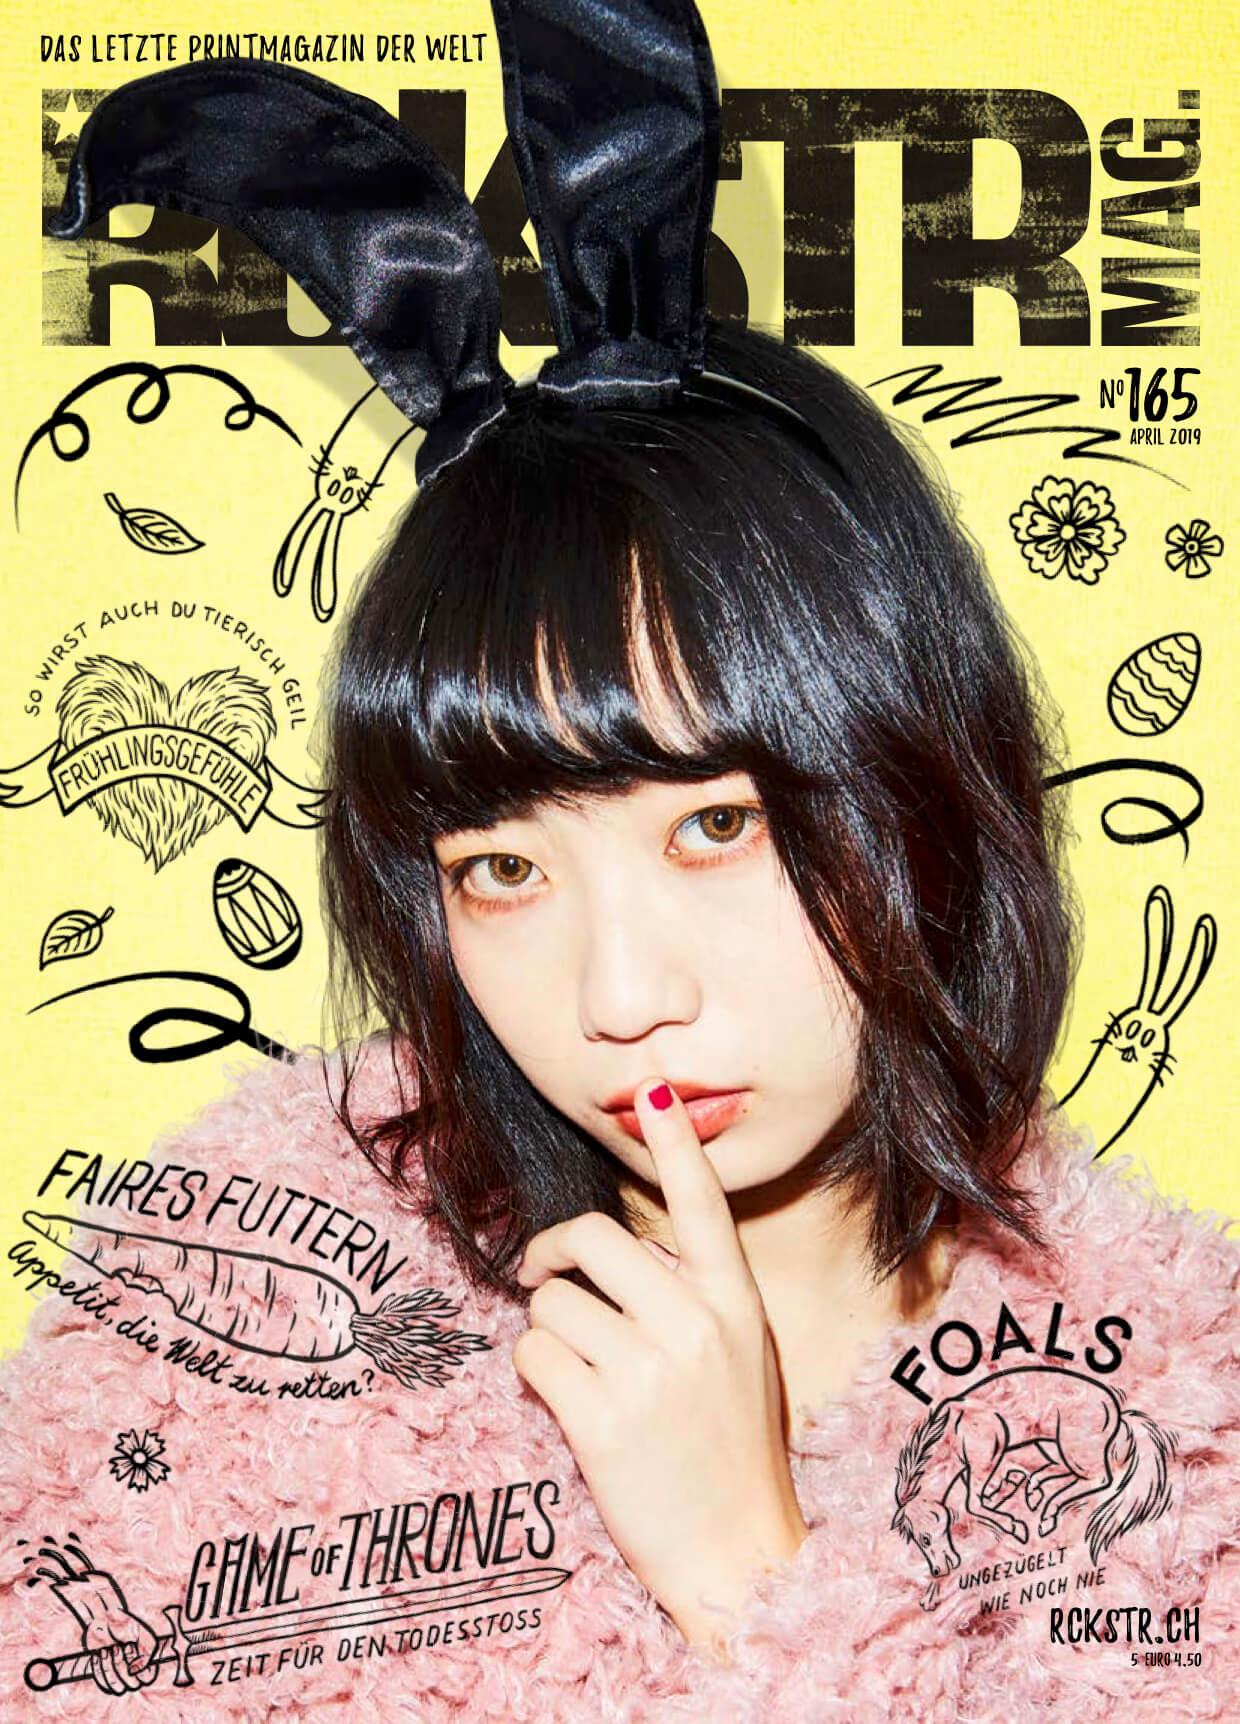 Rckstr Magazine - Bunny